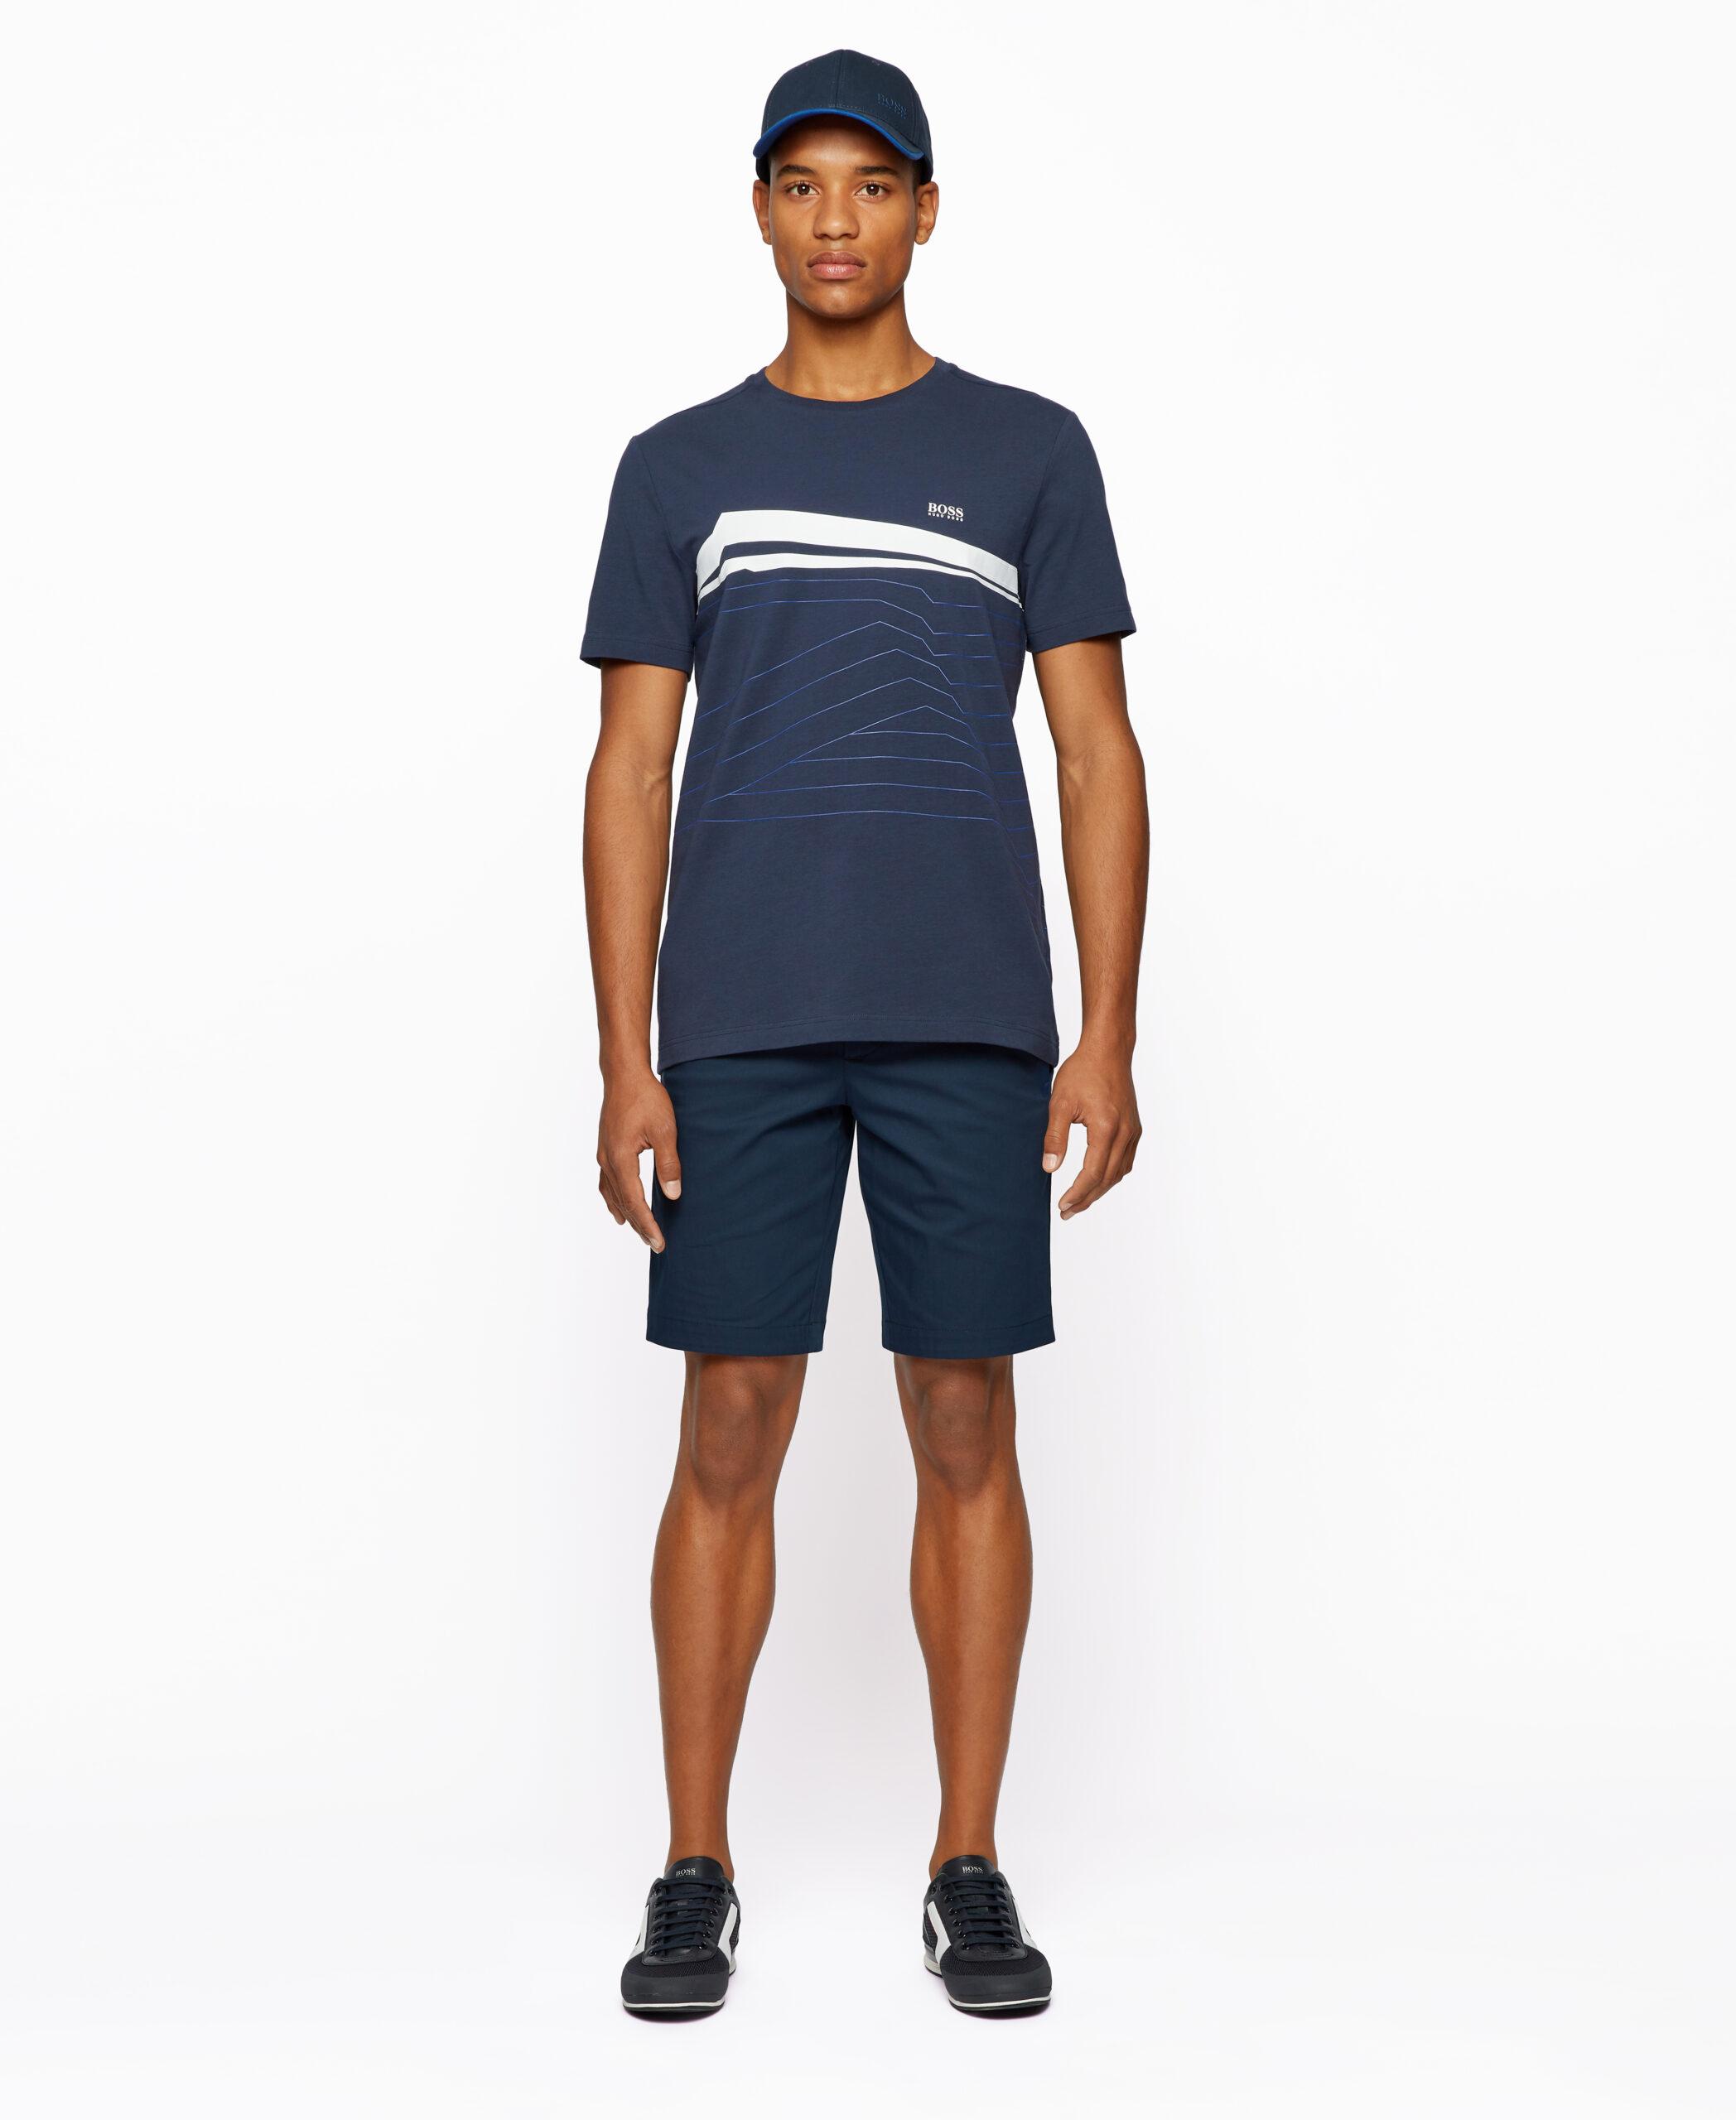 Uma T-shirt desportiva da BOSS Menswear, desenhada com um corte regular. Impresso com arte dinâmica incorporando um logotipo da BOSS